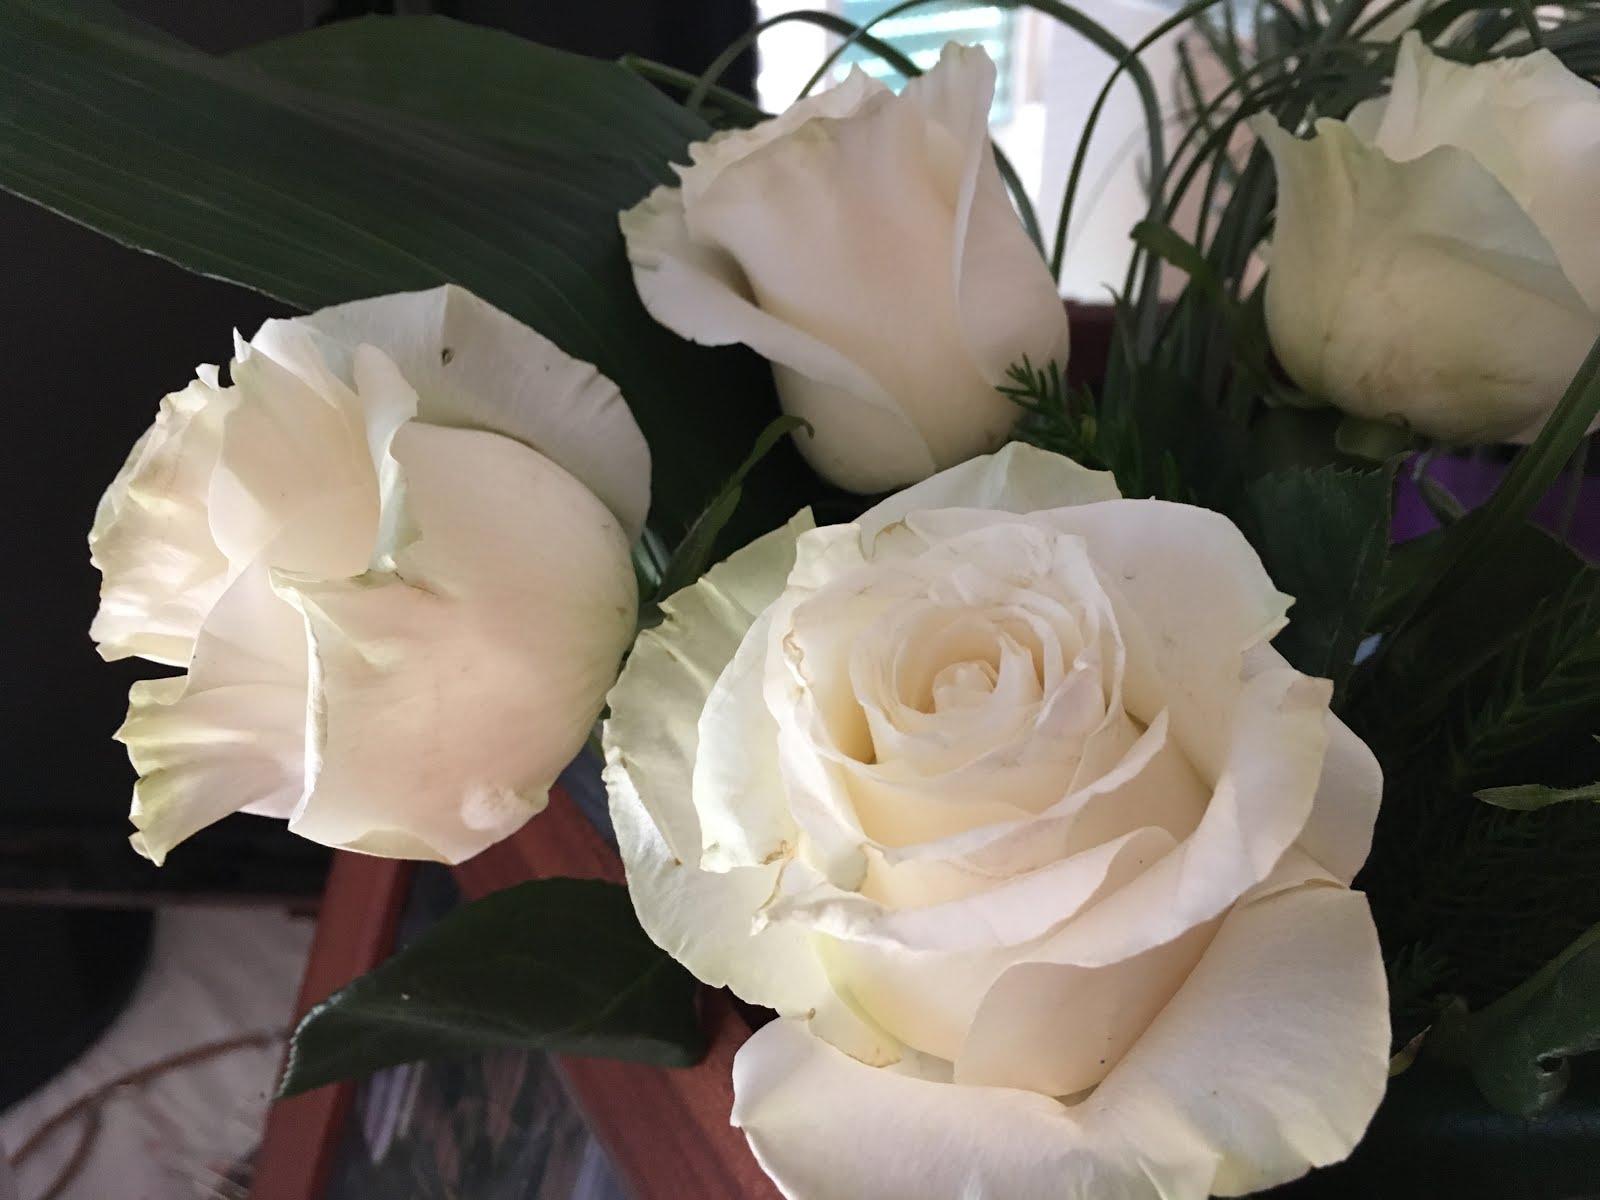 Que hermoso es sentir el Amor en cada instante de la vida